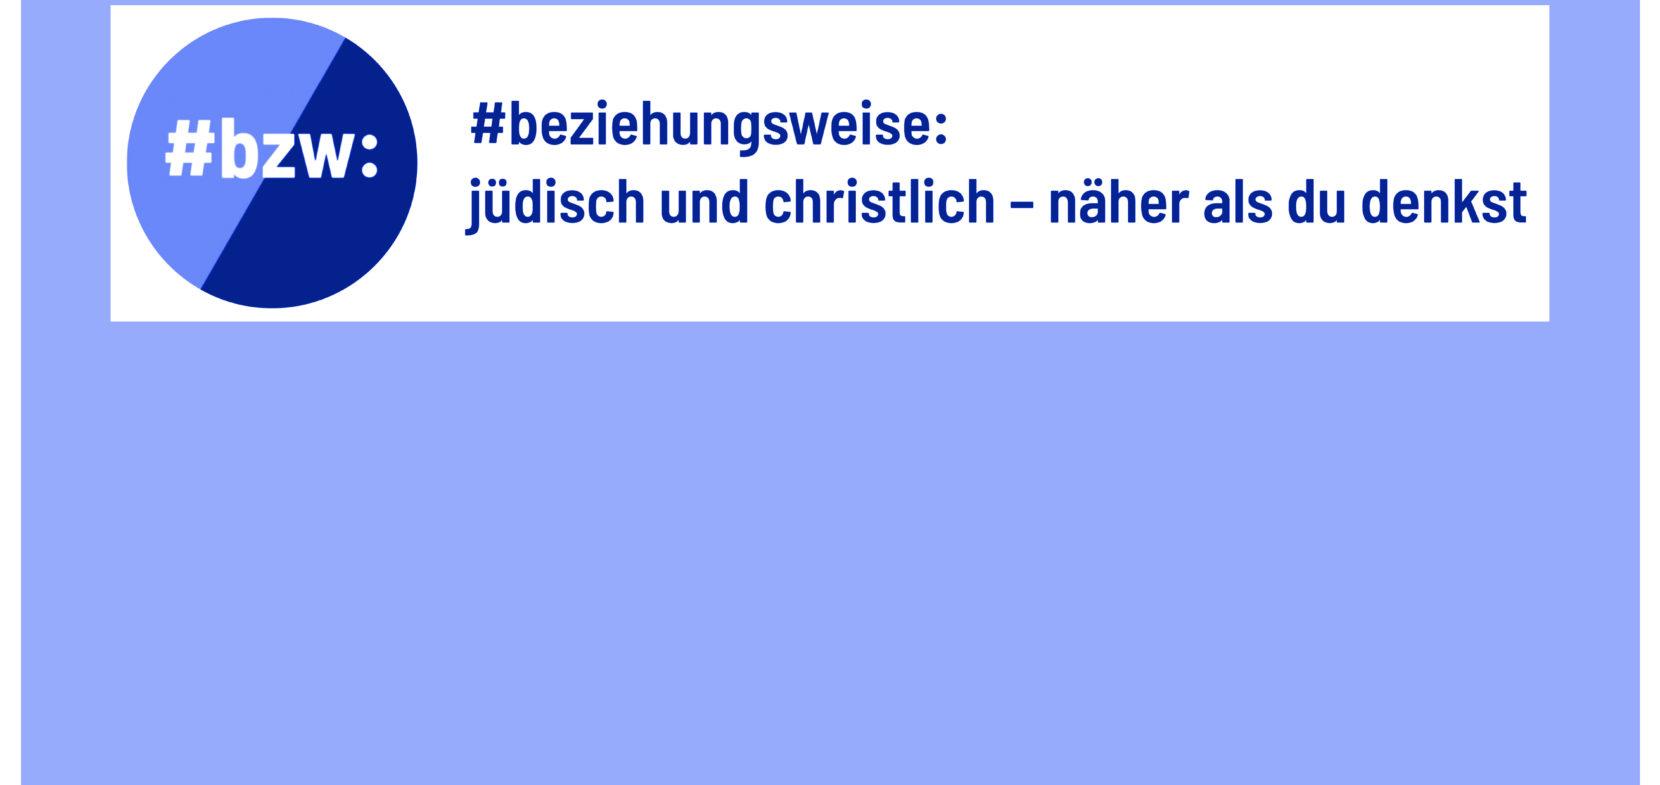 Jüdisch bzw. christlich